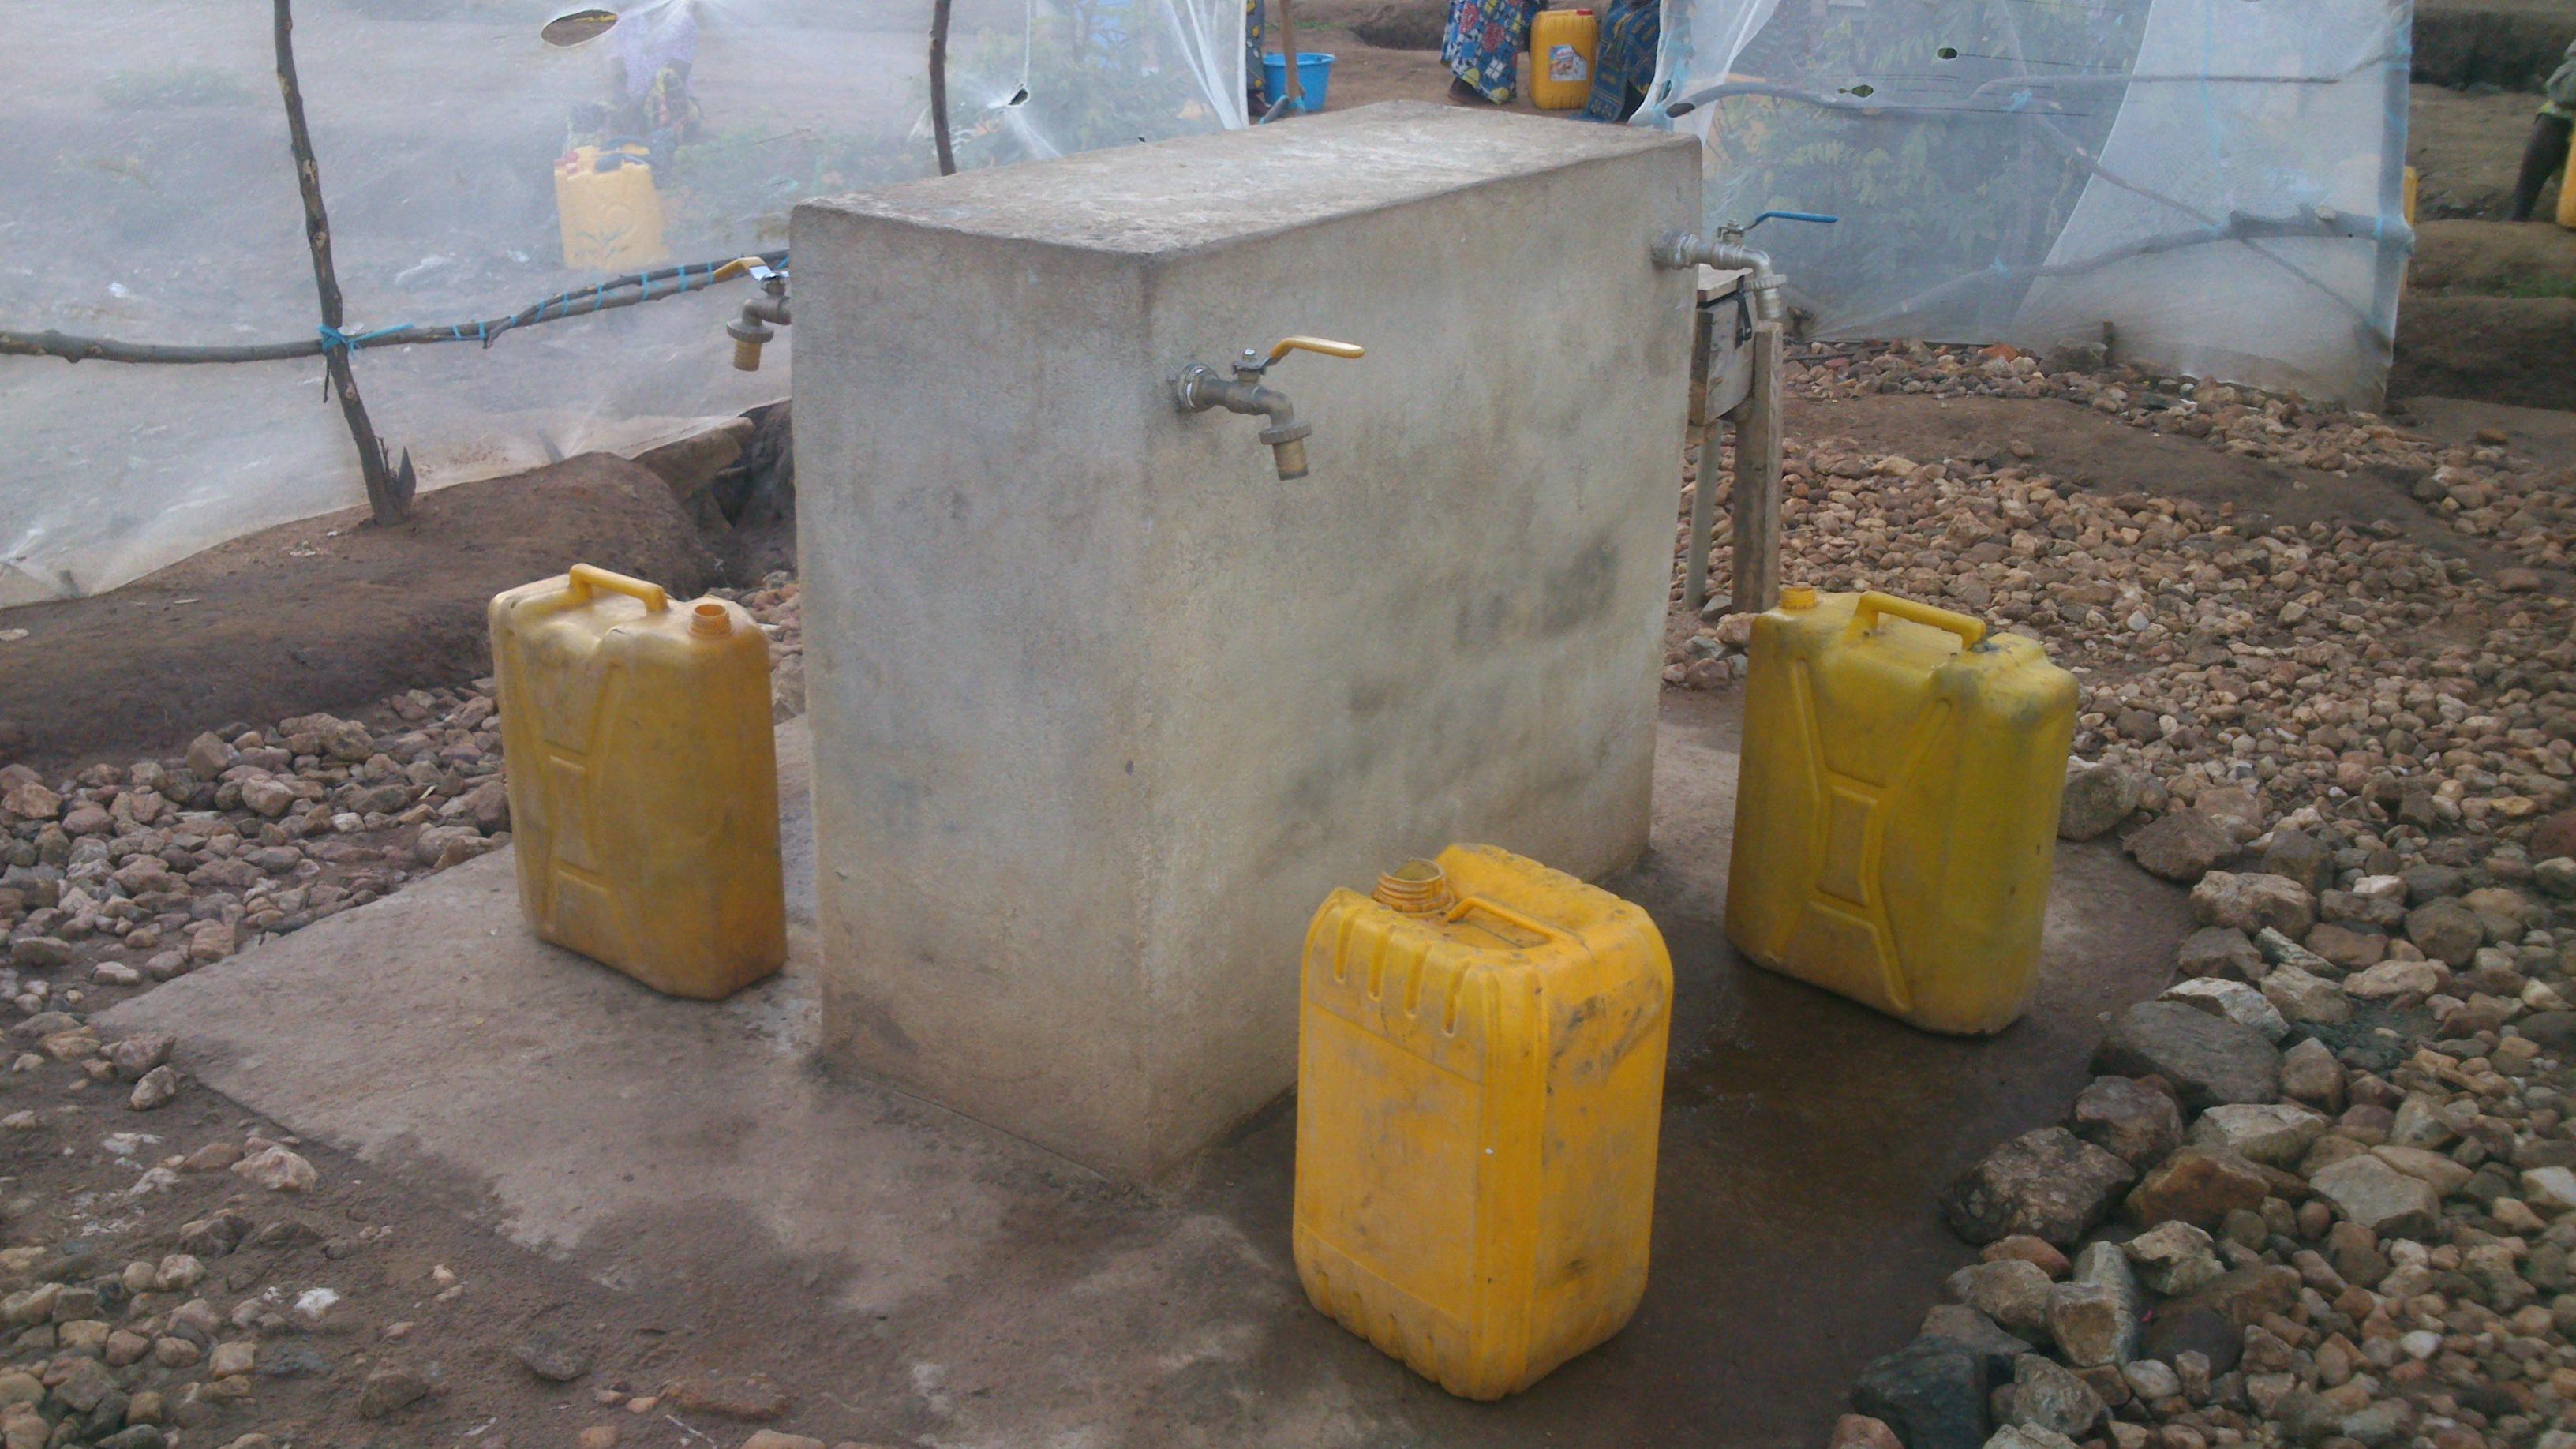 BARAKA-FIZI : la pénurie d'eau dans la ville, la population face à un danger de l'épidémie de choléra.